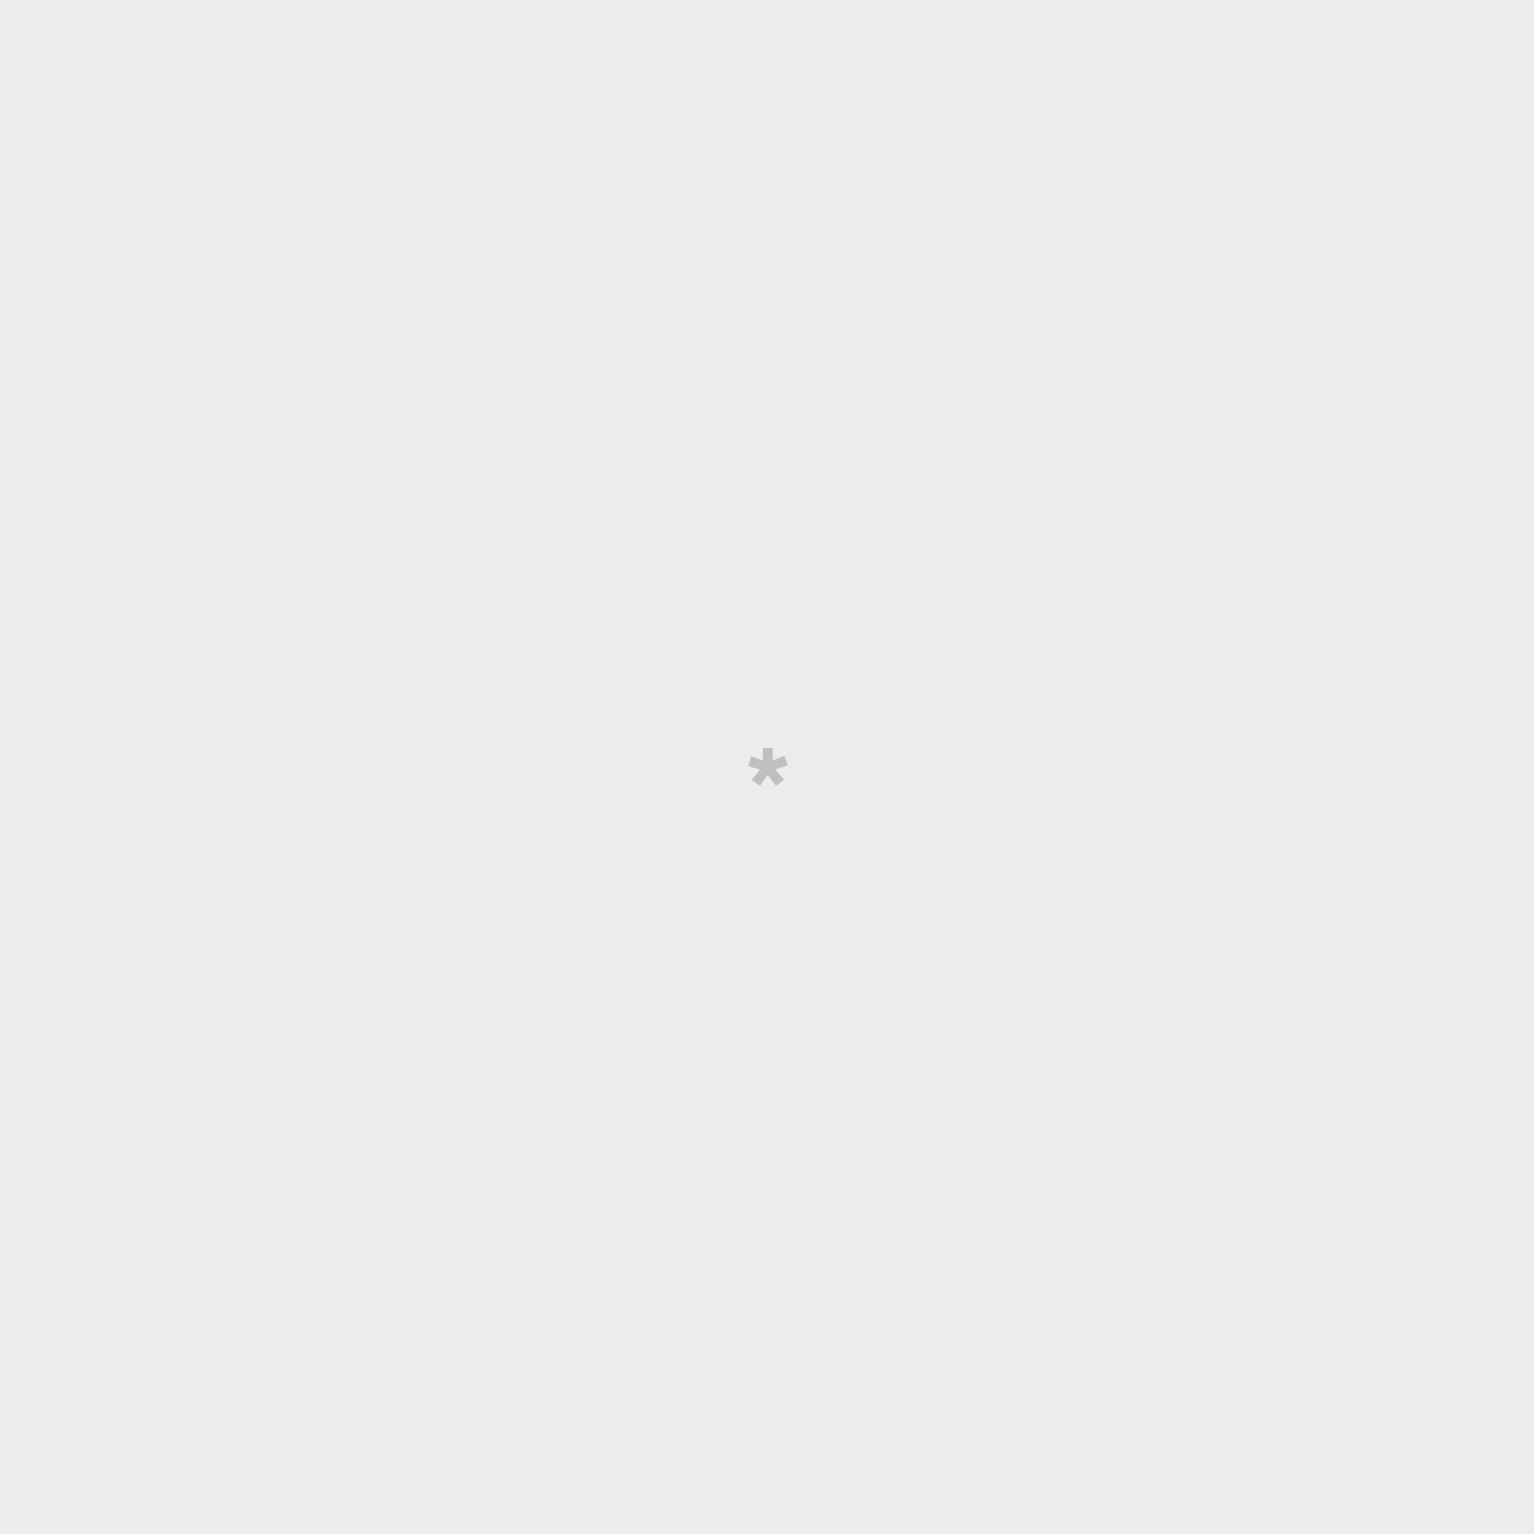 Toiletries bag - That smile looks good on you